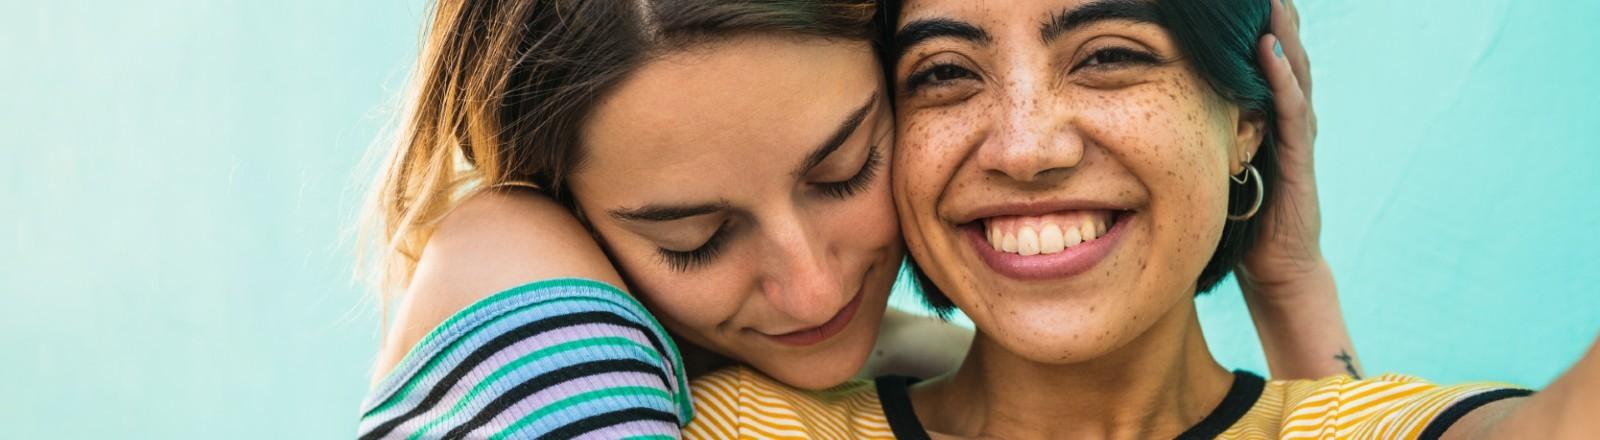 Zwei junge Frauen kuscheln miteinander.